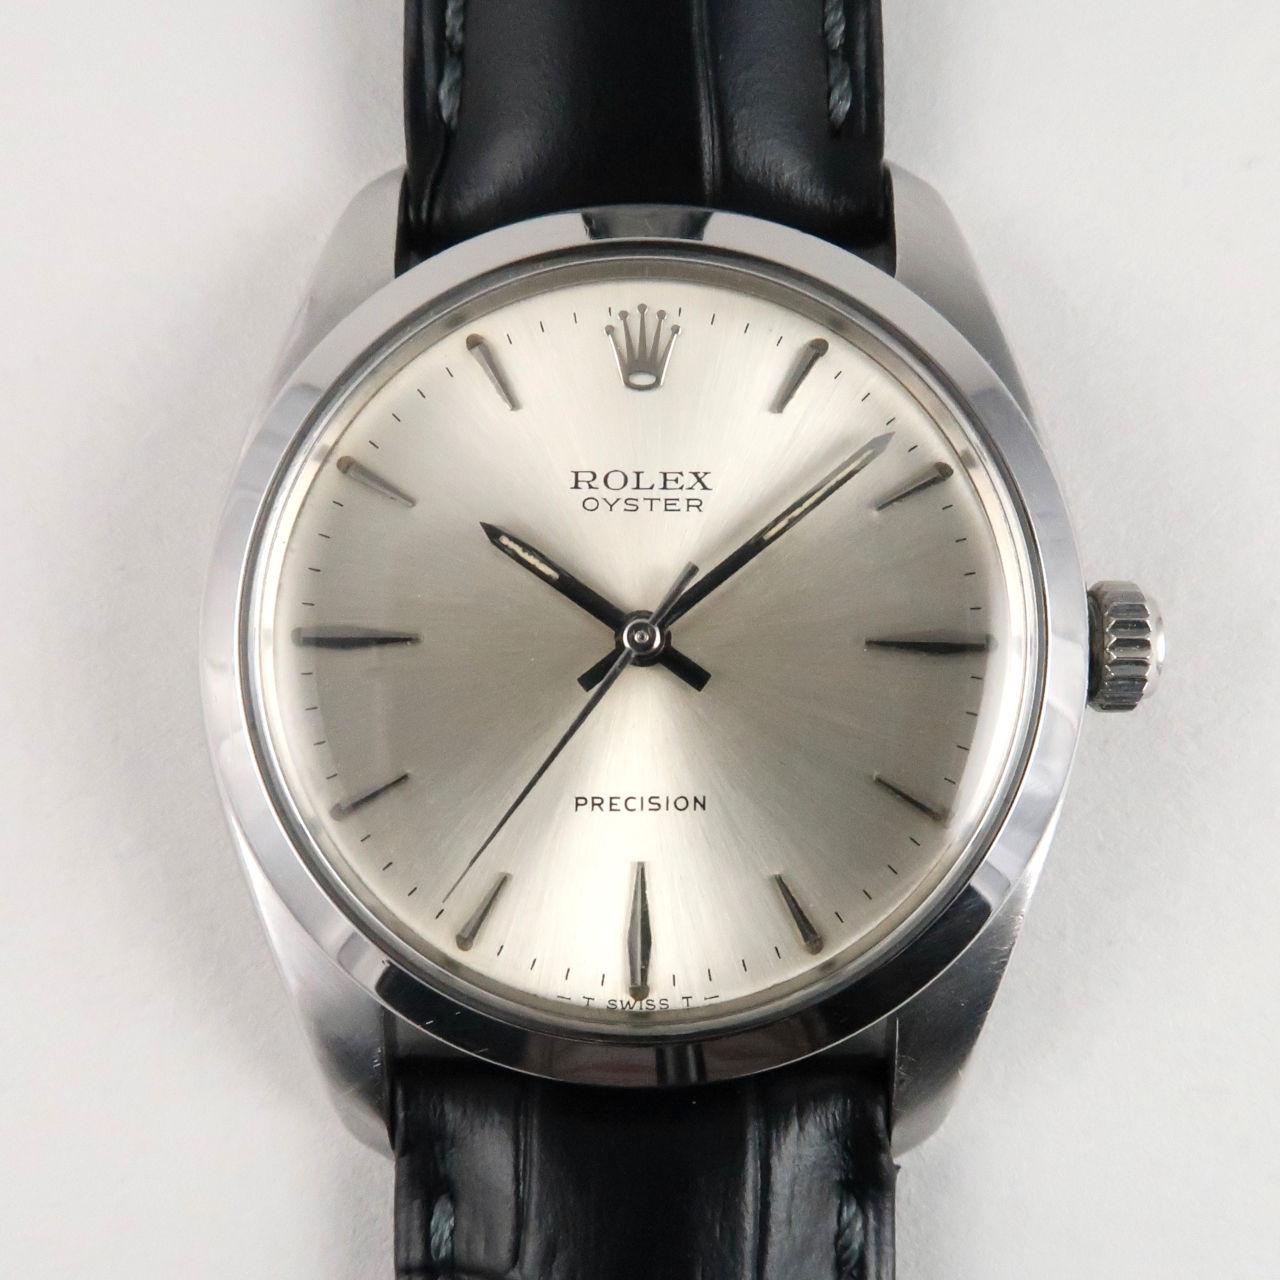 rolex-oyster-precision-ref-6424-steel-vintage-wristwatch-circa-1966-wxropsb-v10